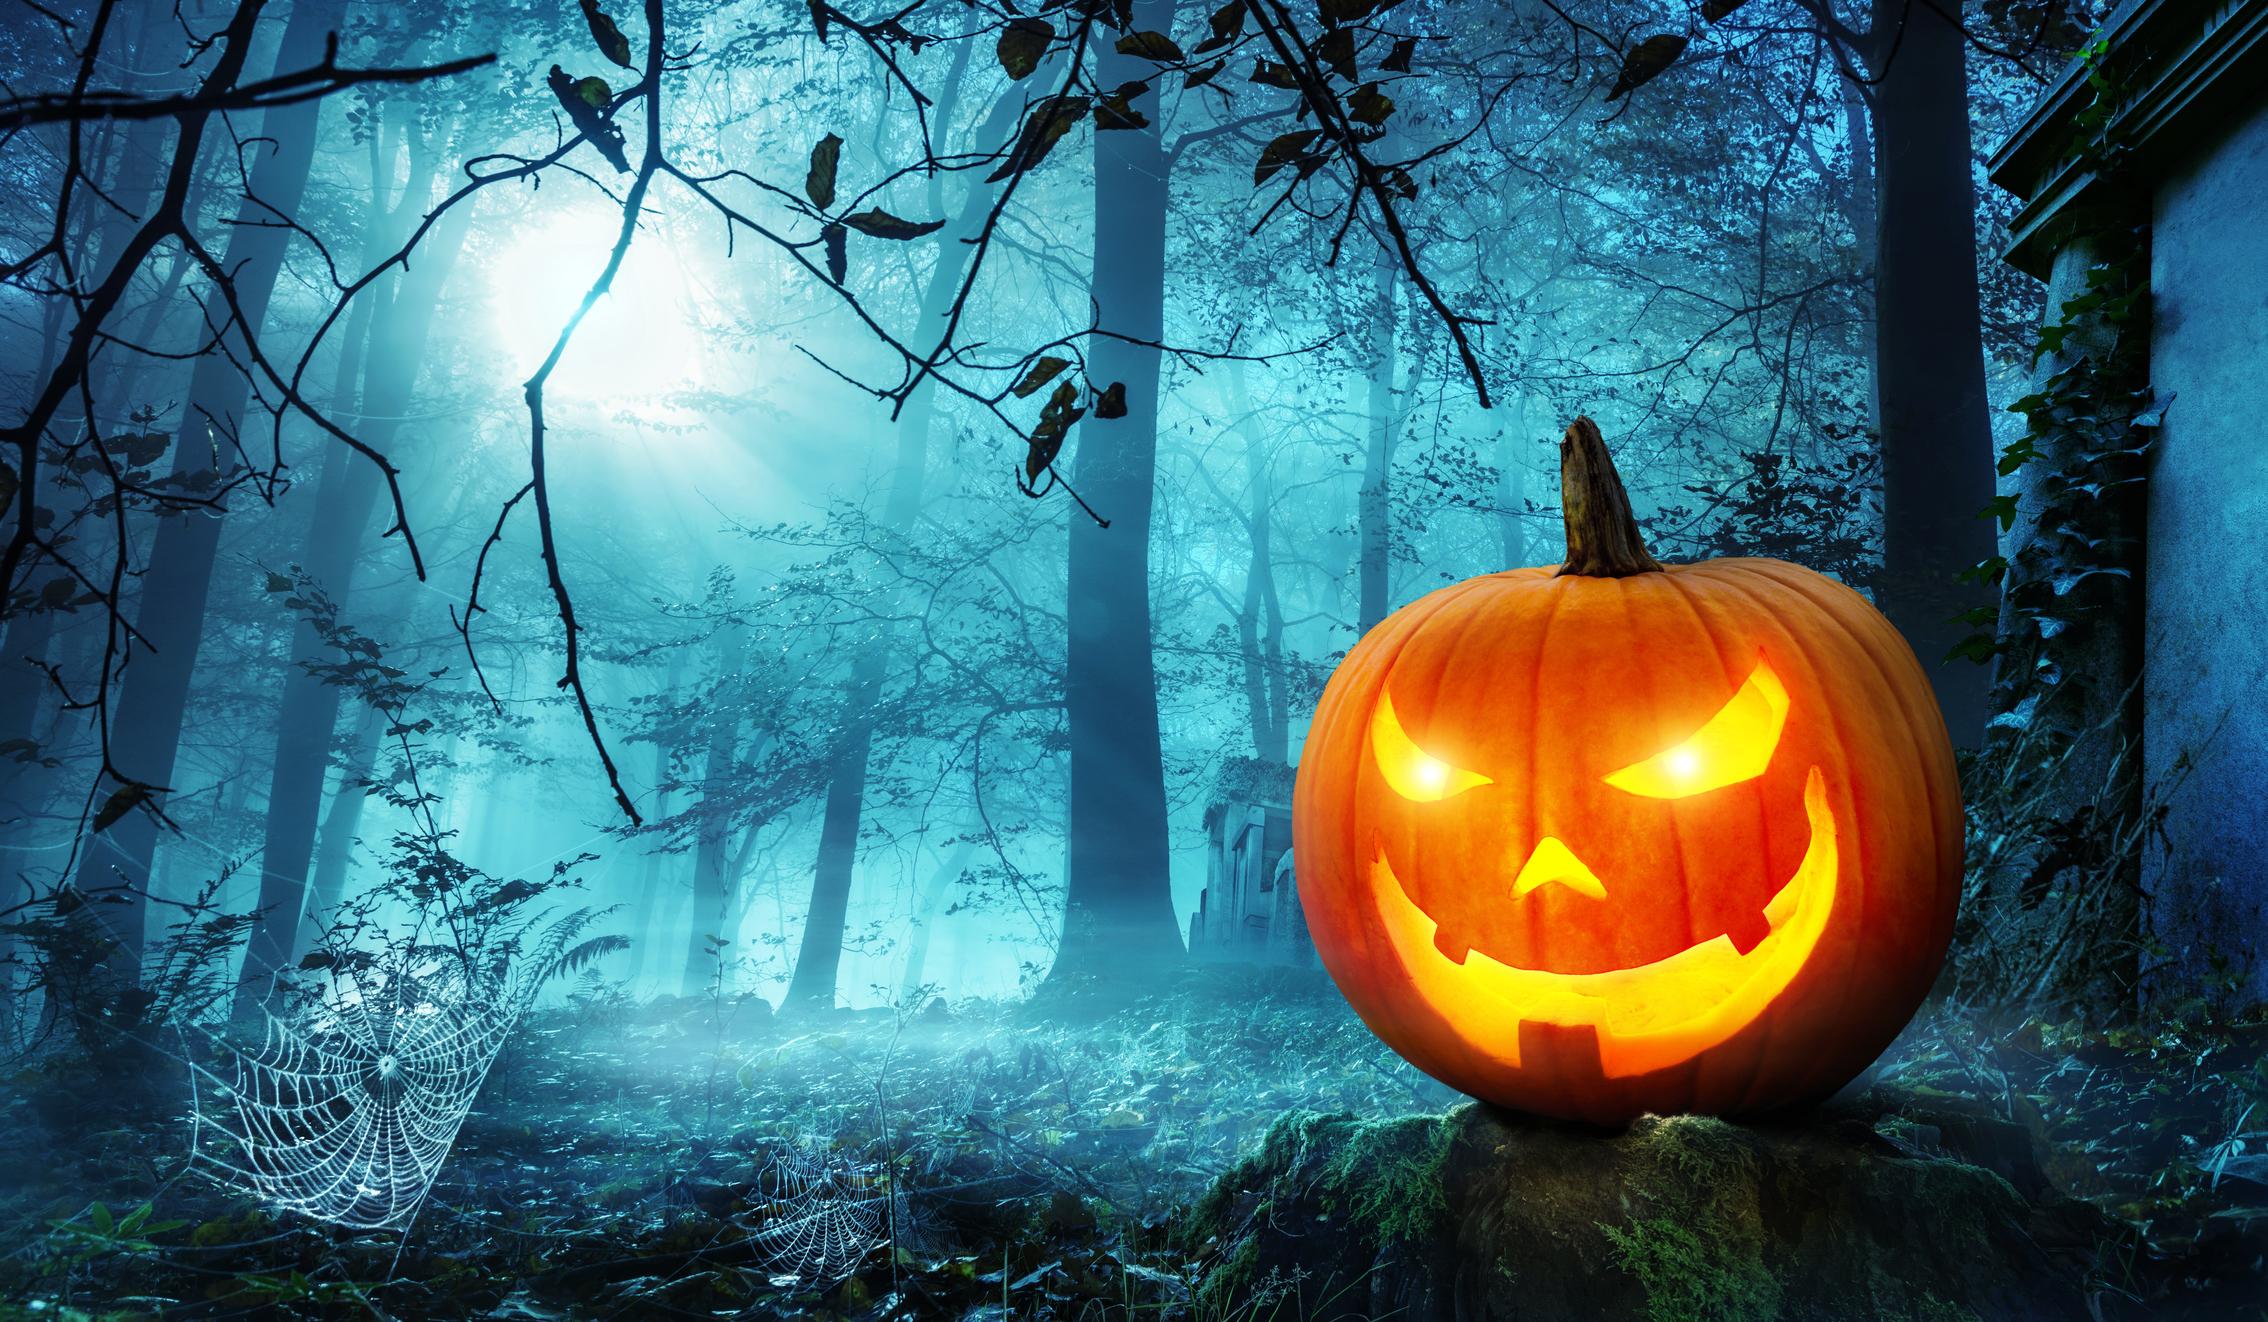 Jack o' lantern in woods at night